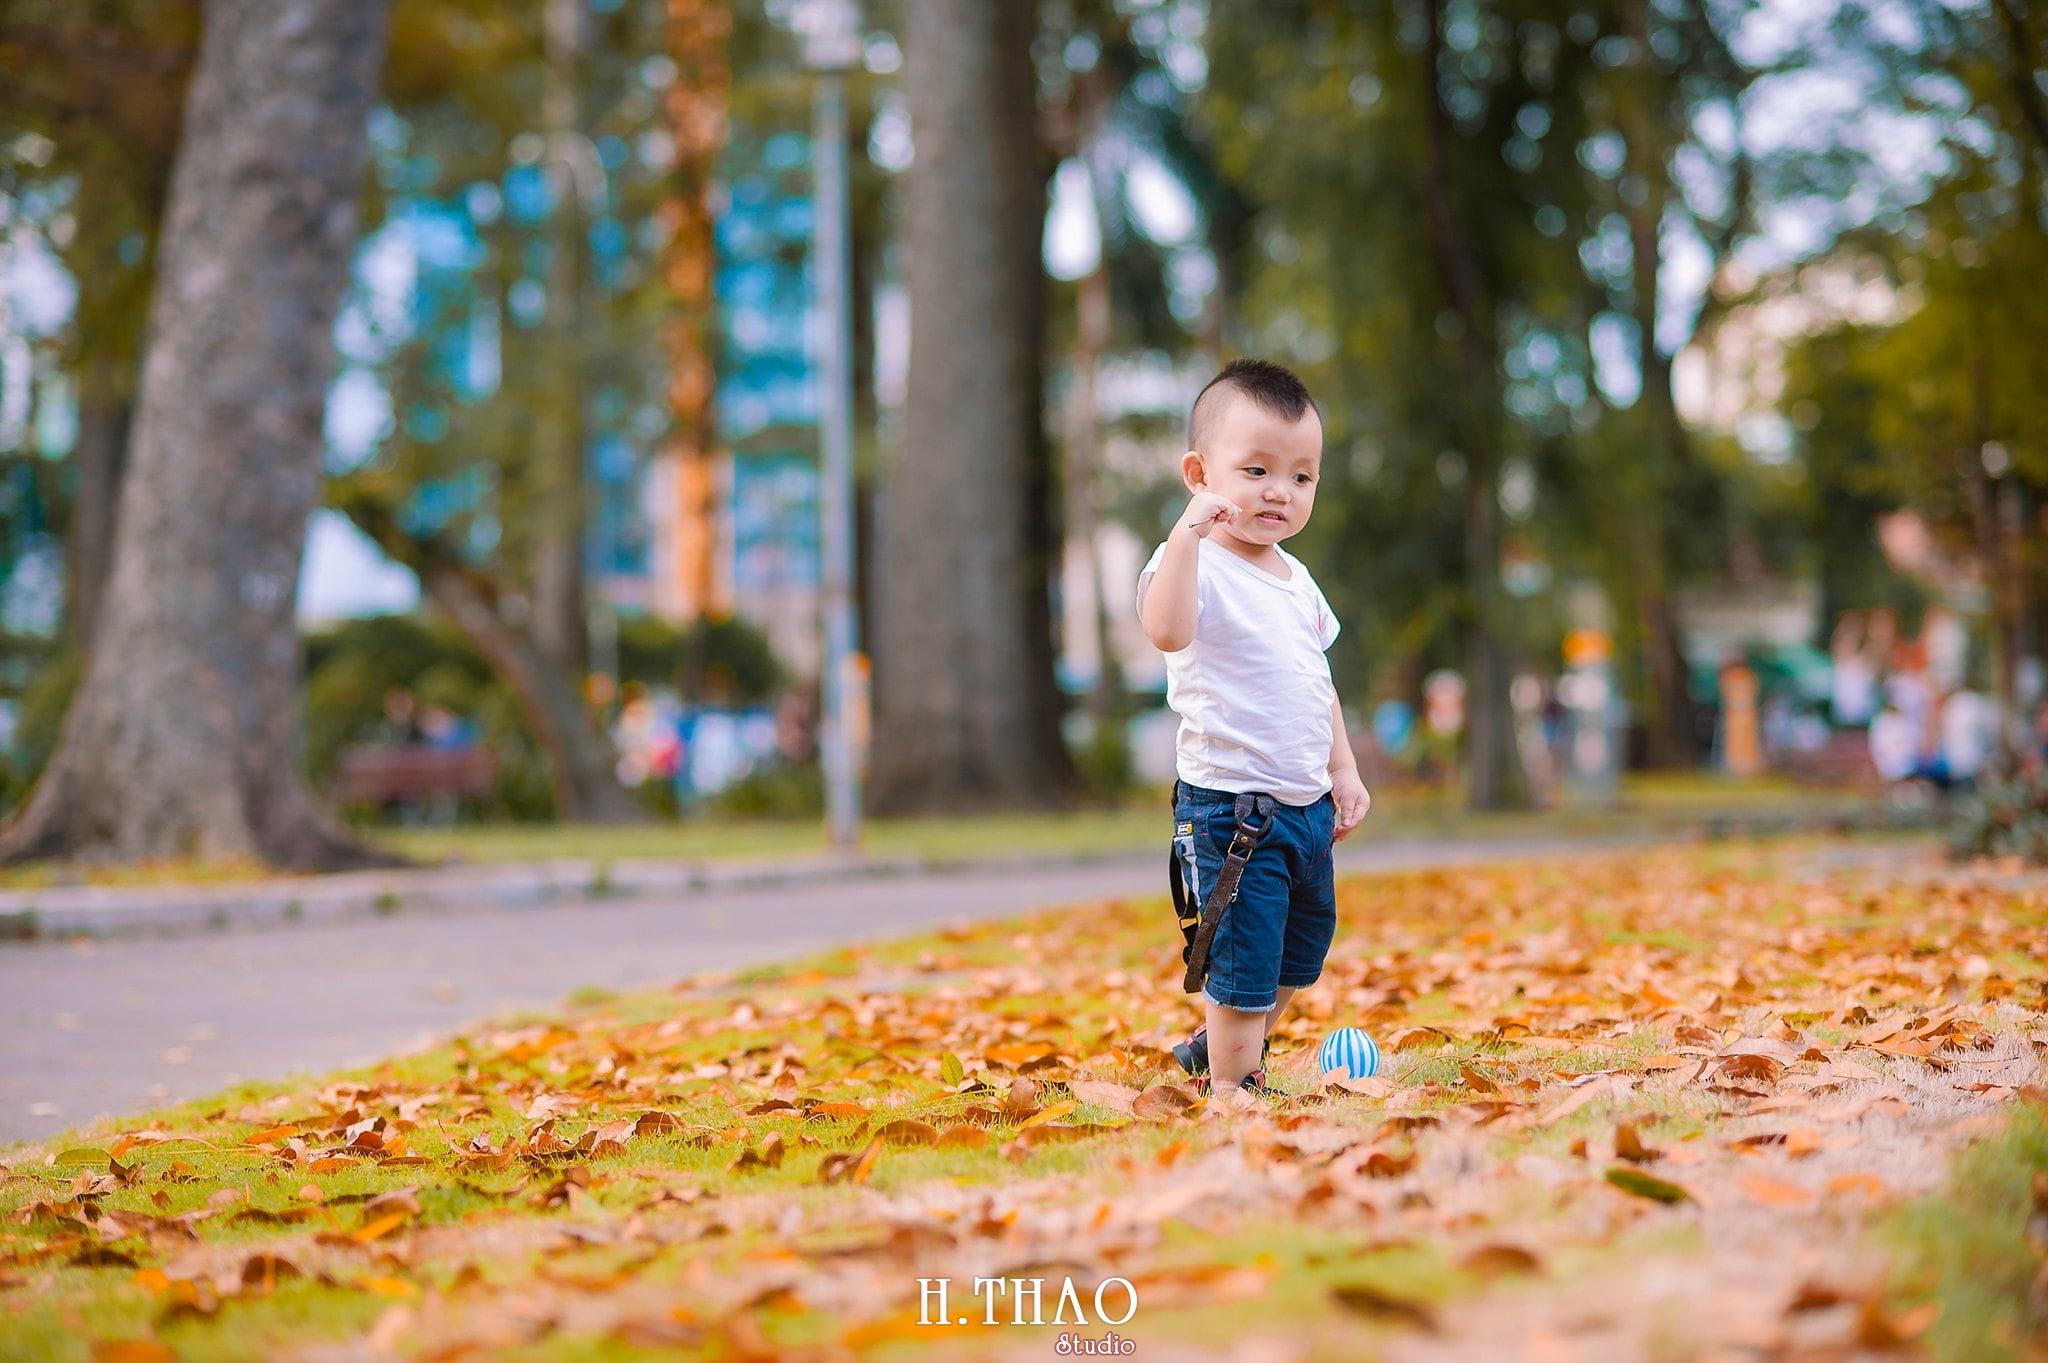 Judo 20 - Album ảnh bé chụp tại công viên Tao Đàn tuyệt đẹp - HThao Studio